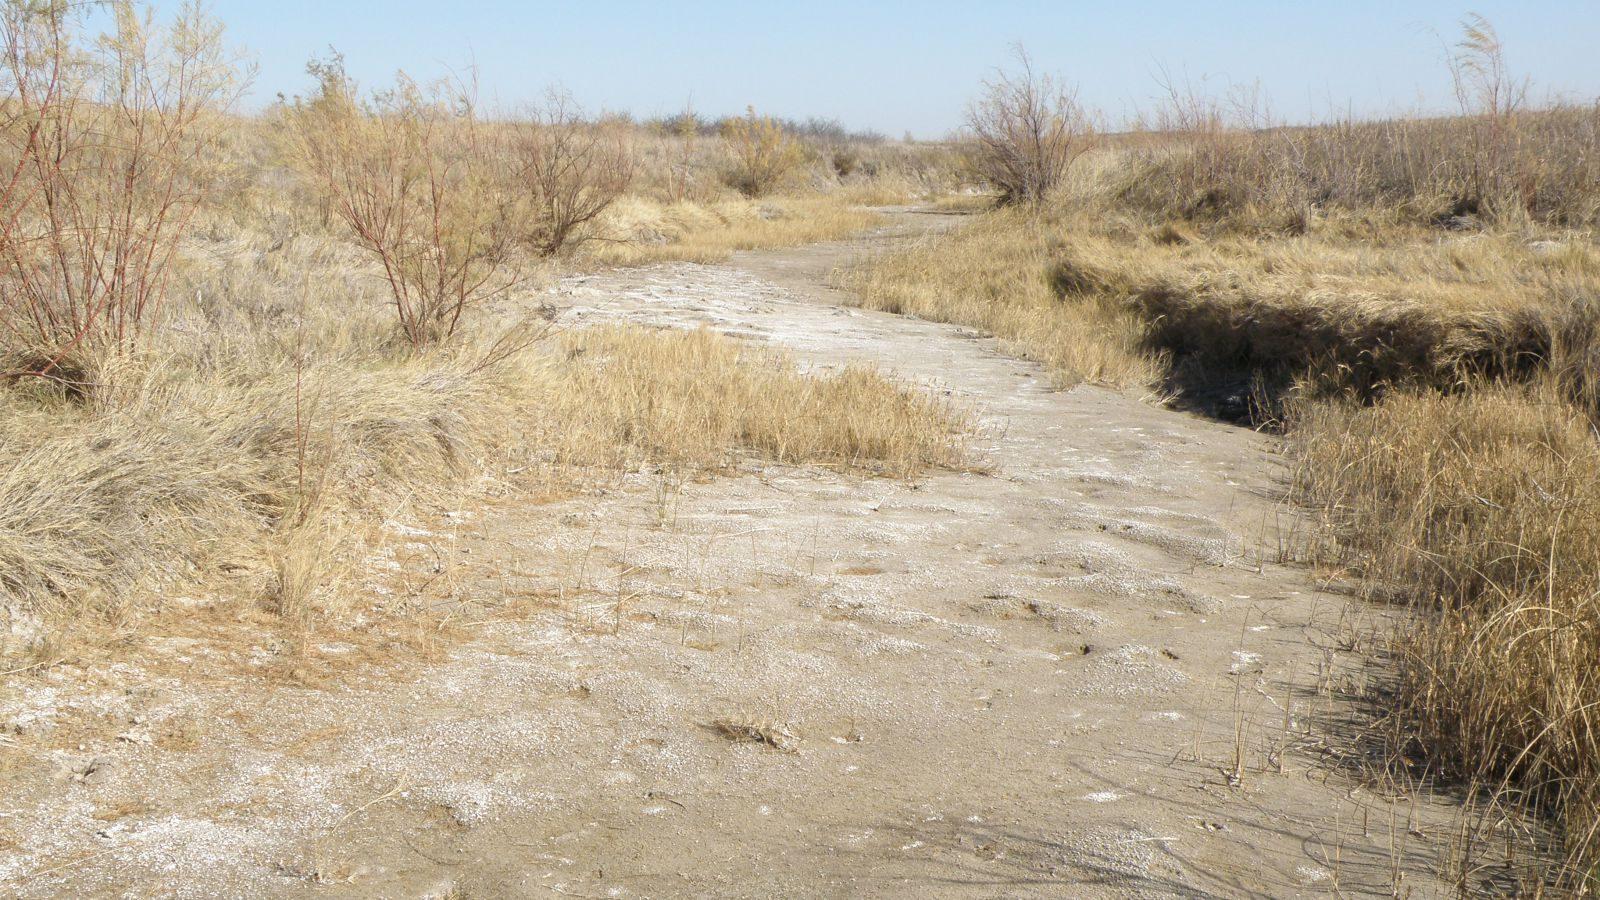 Klimaforandringernes konsekvens for naturen. Udtørret vandløb i Kansas, USA